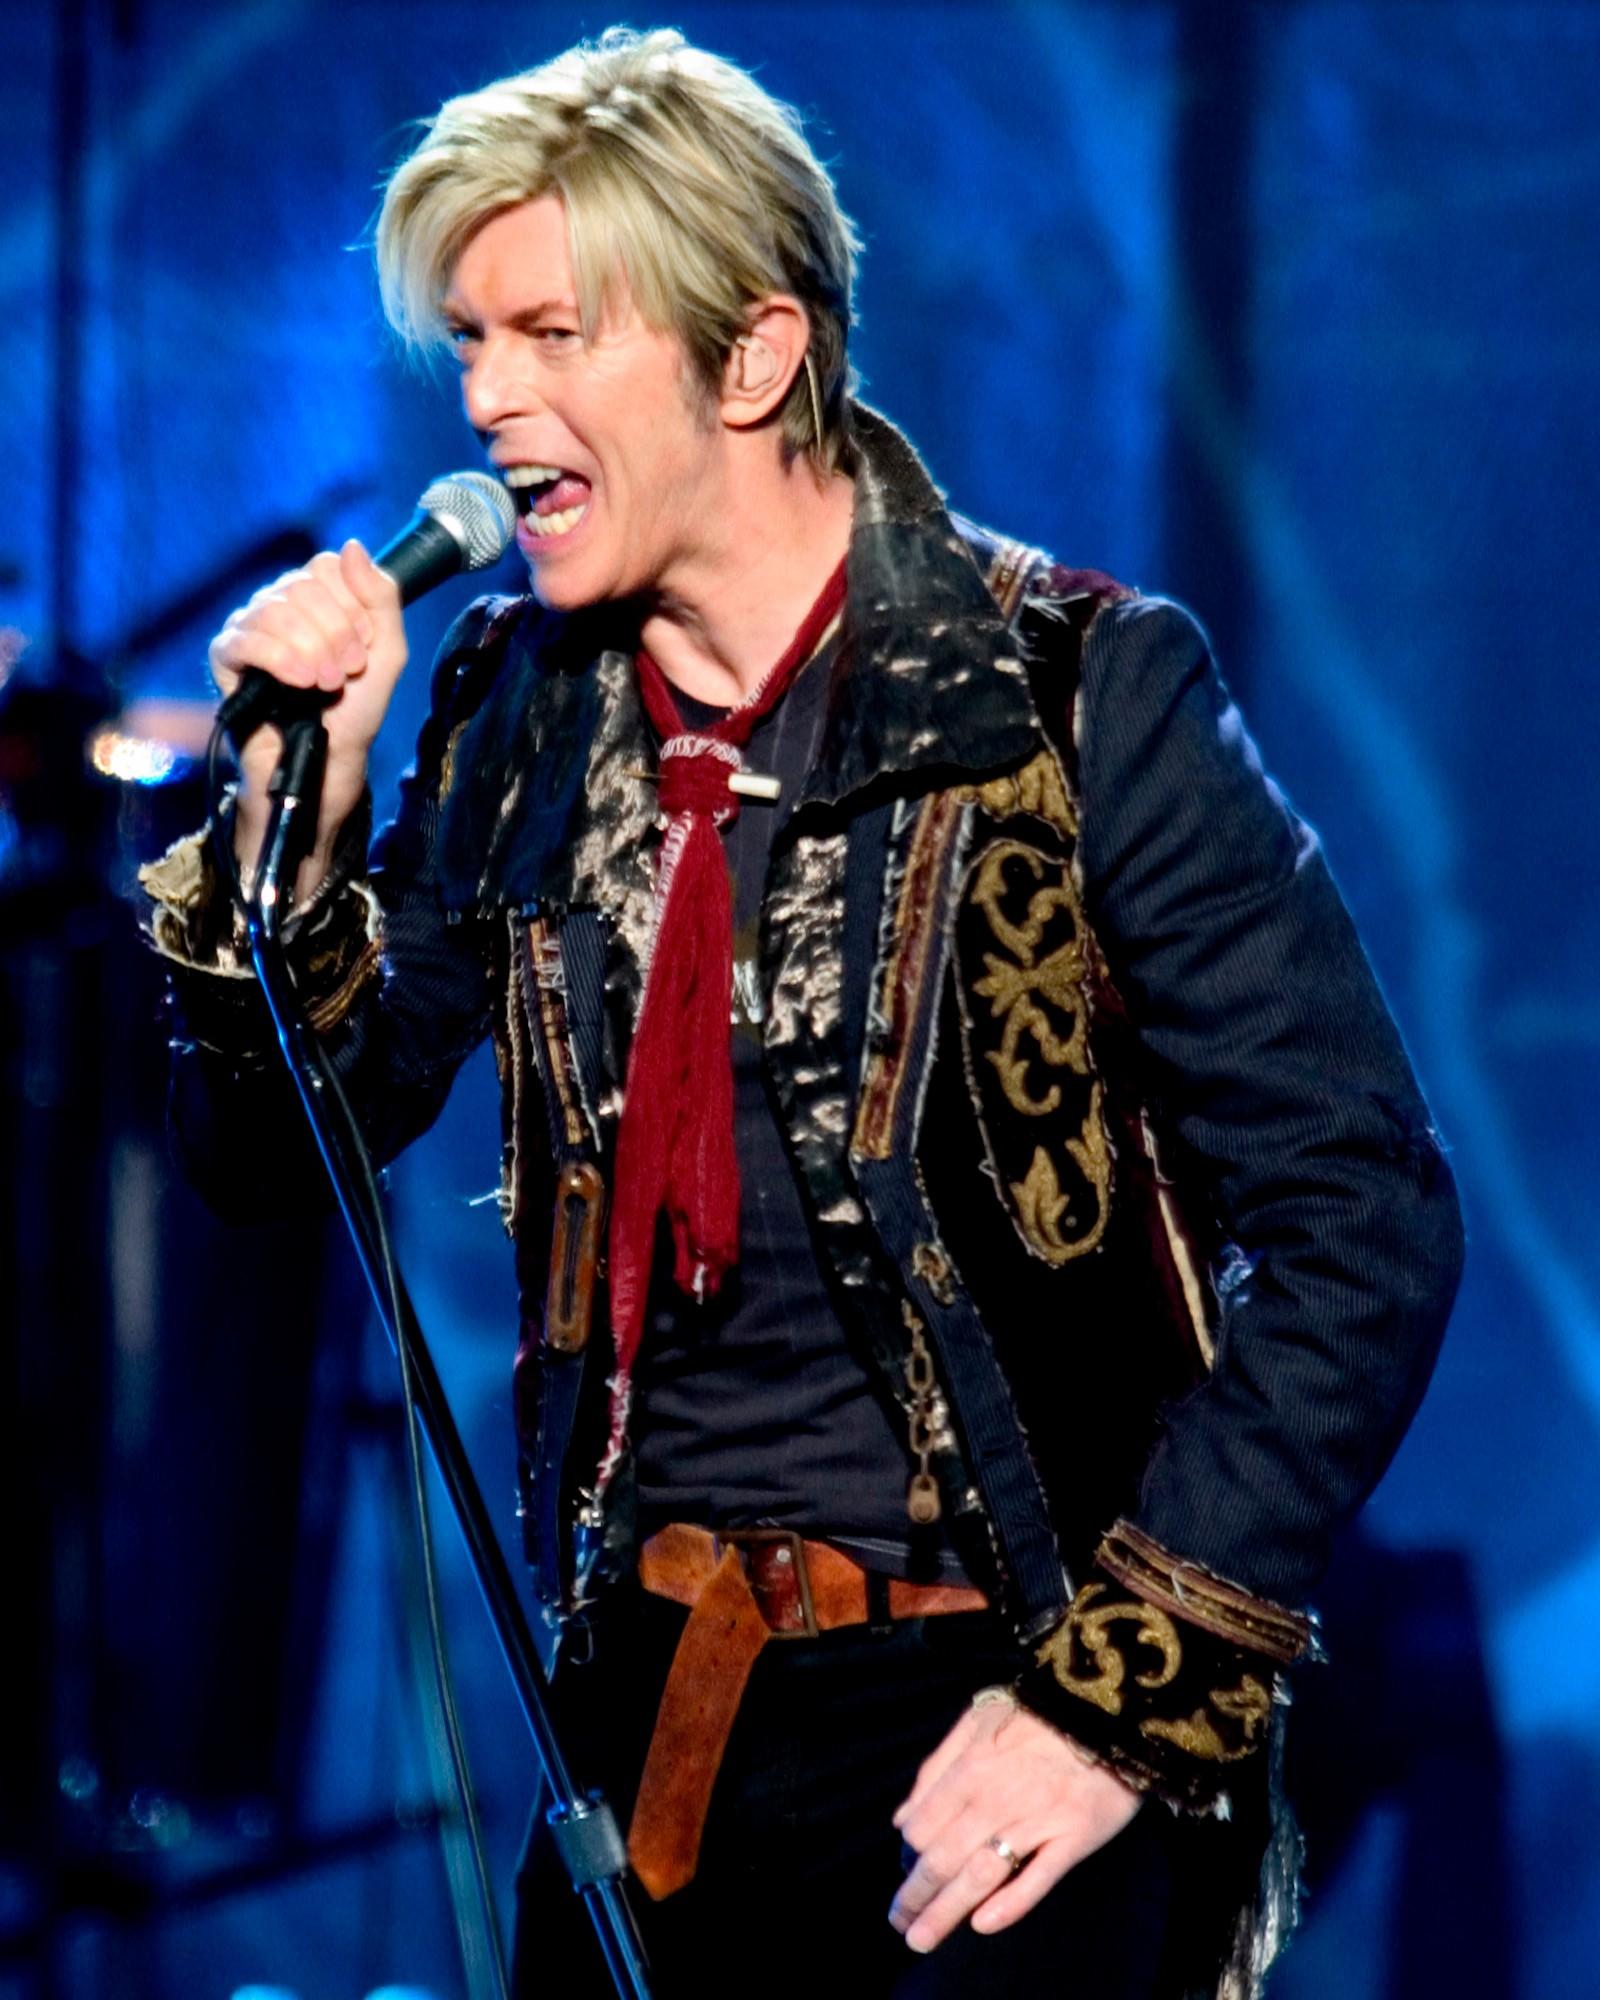 Konsert i Fleet Center i Boston i mars 2004.